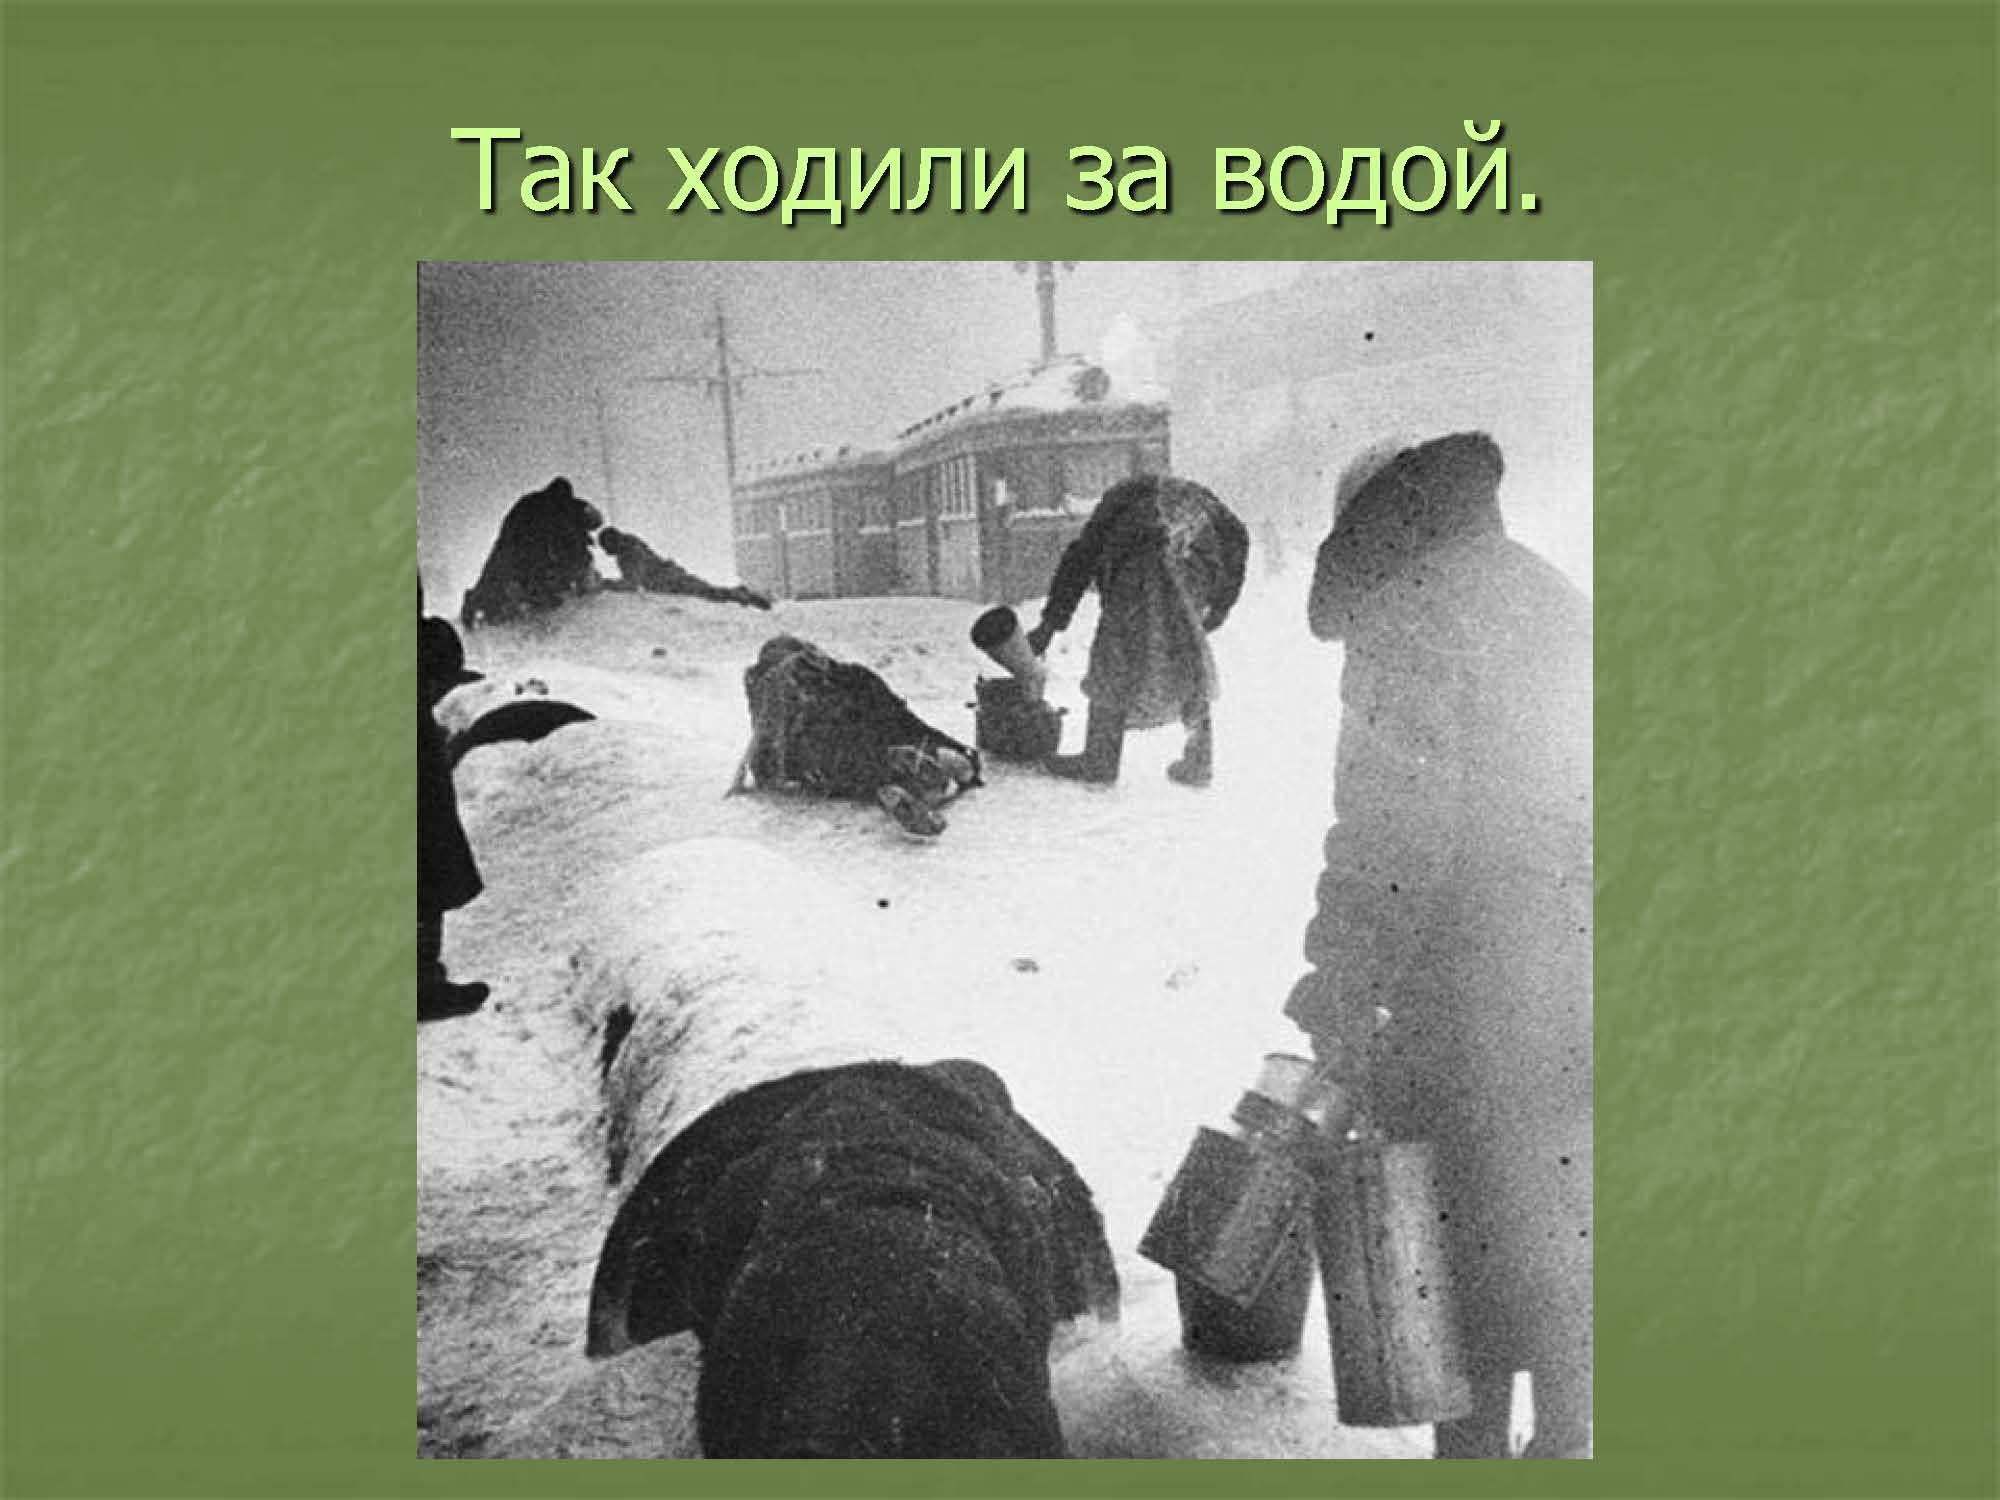 prezentatsiya-na-temu-1944-goda-temu-mirzachul